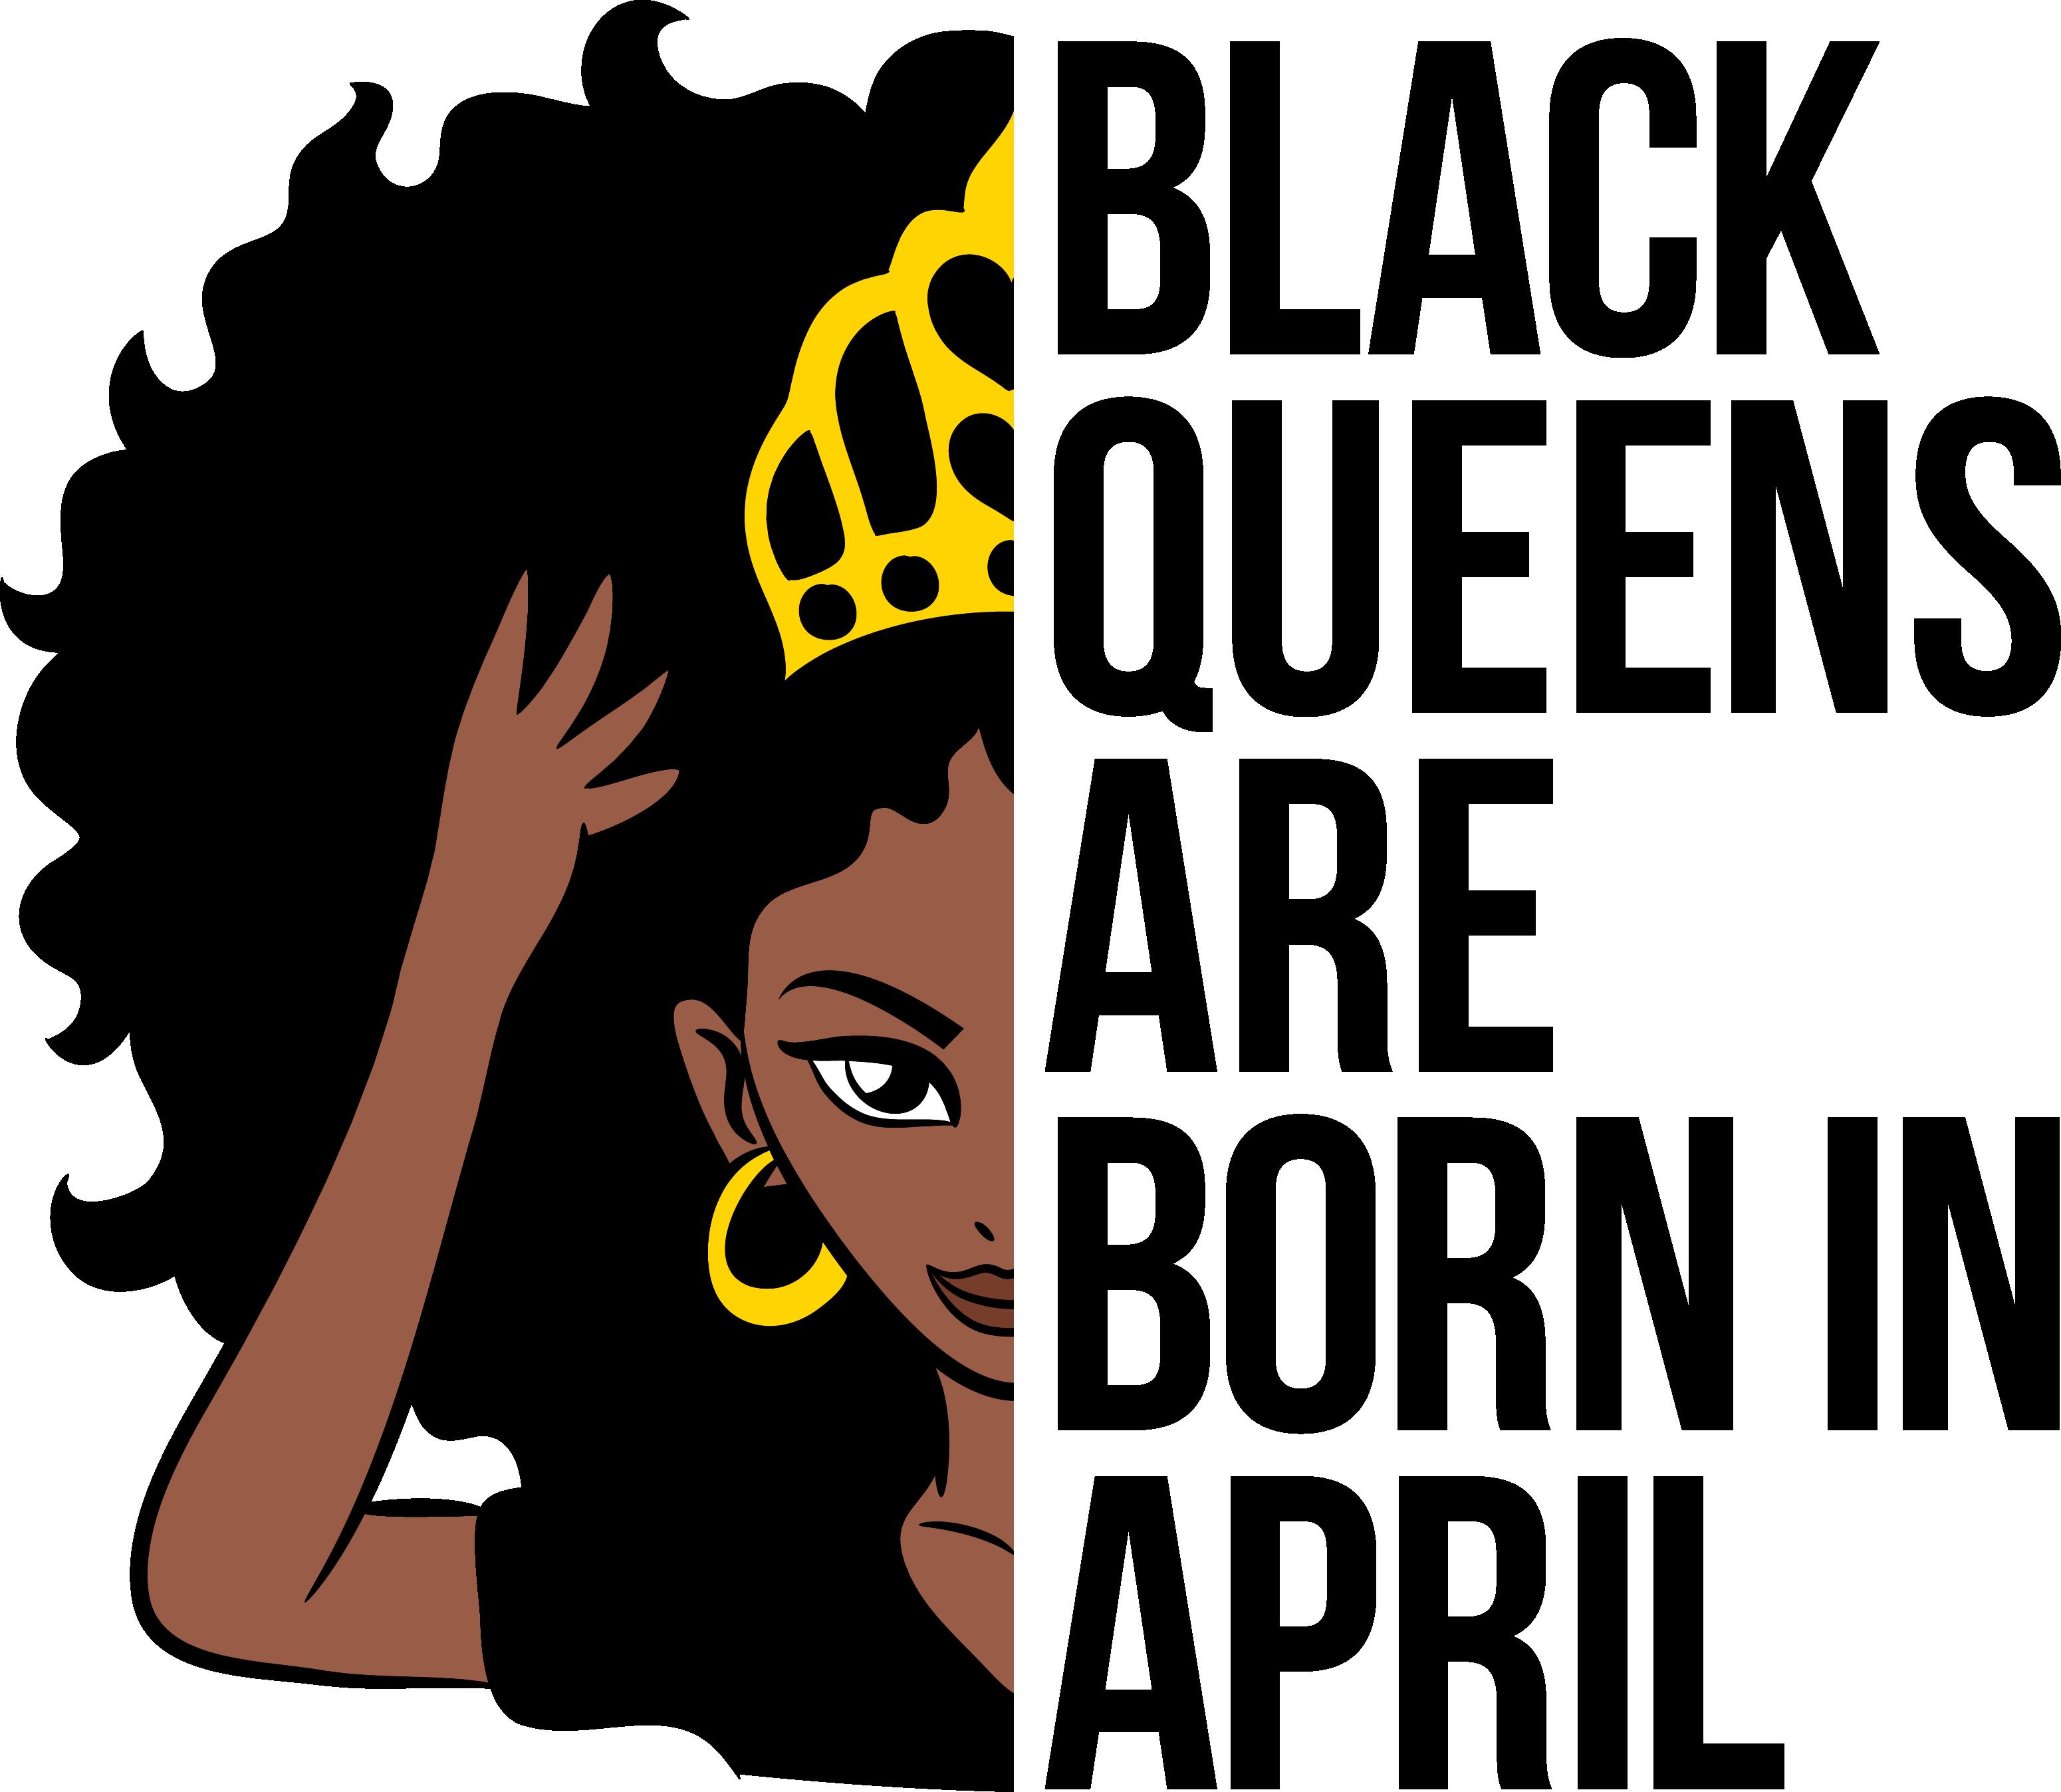 Black queens are born in april